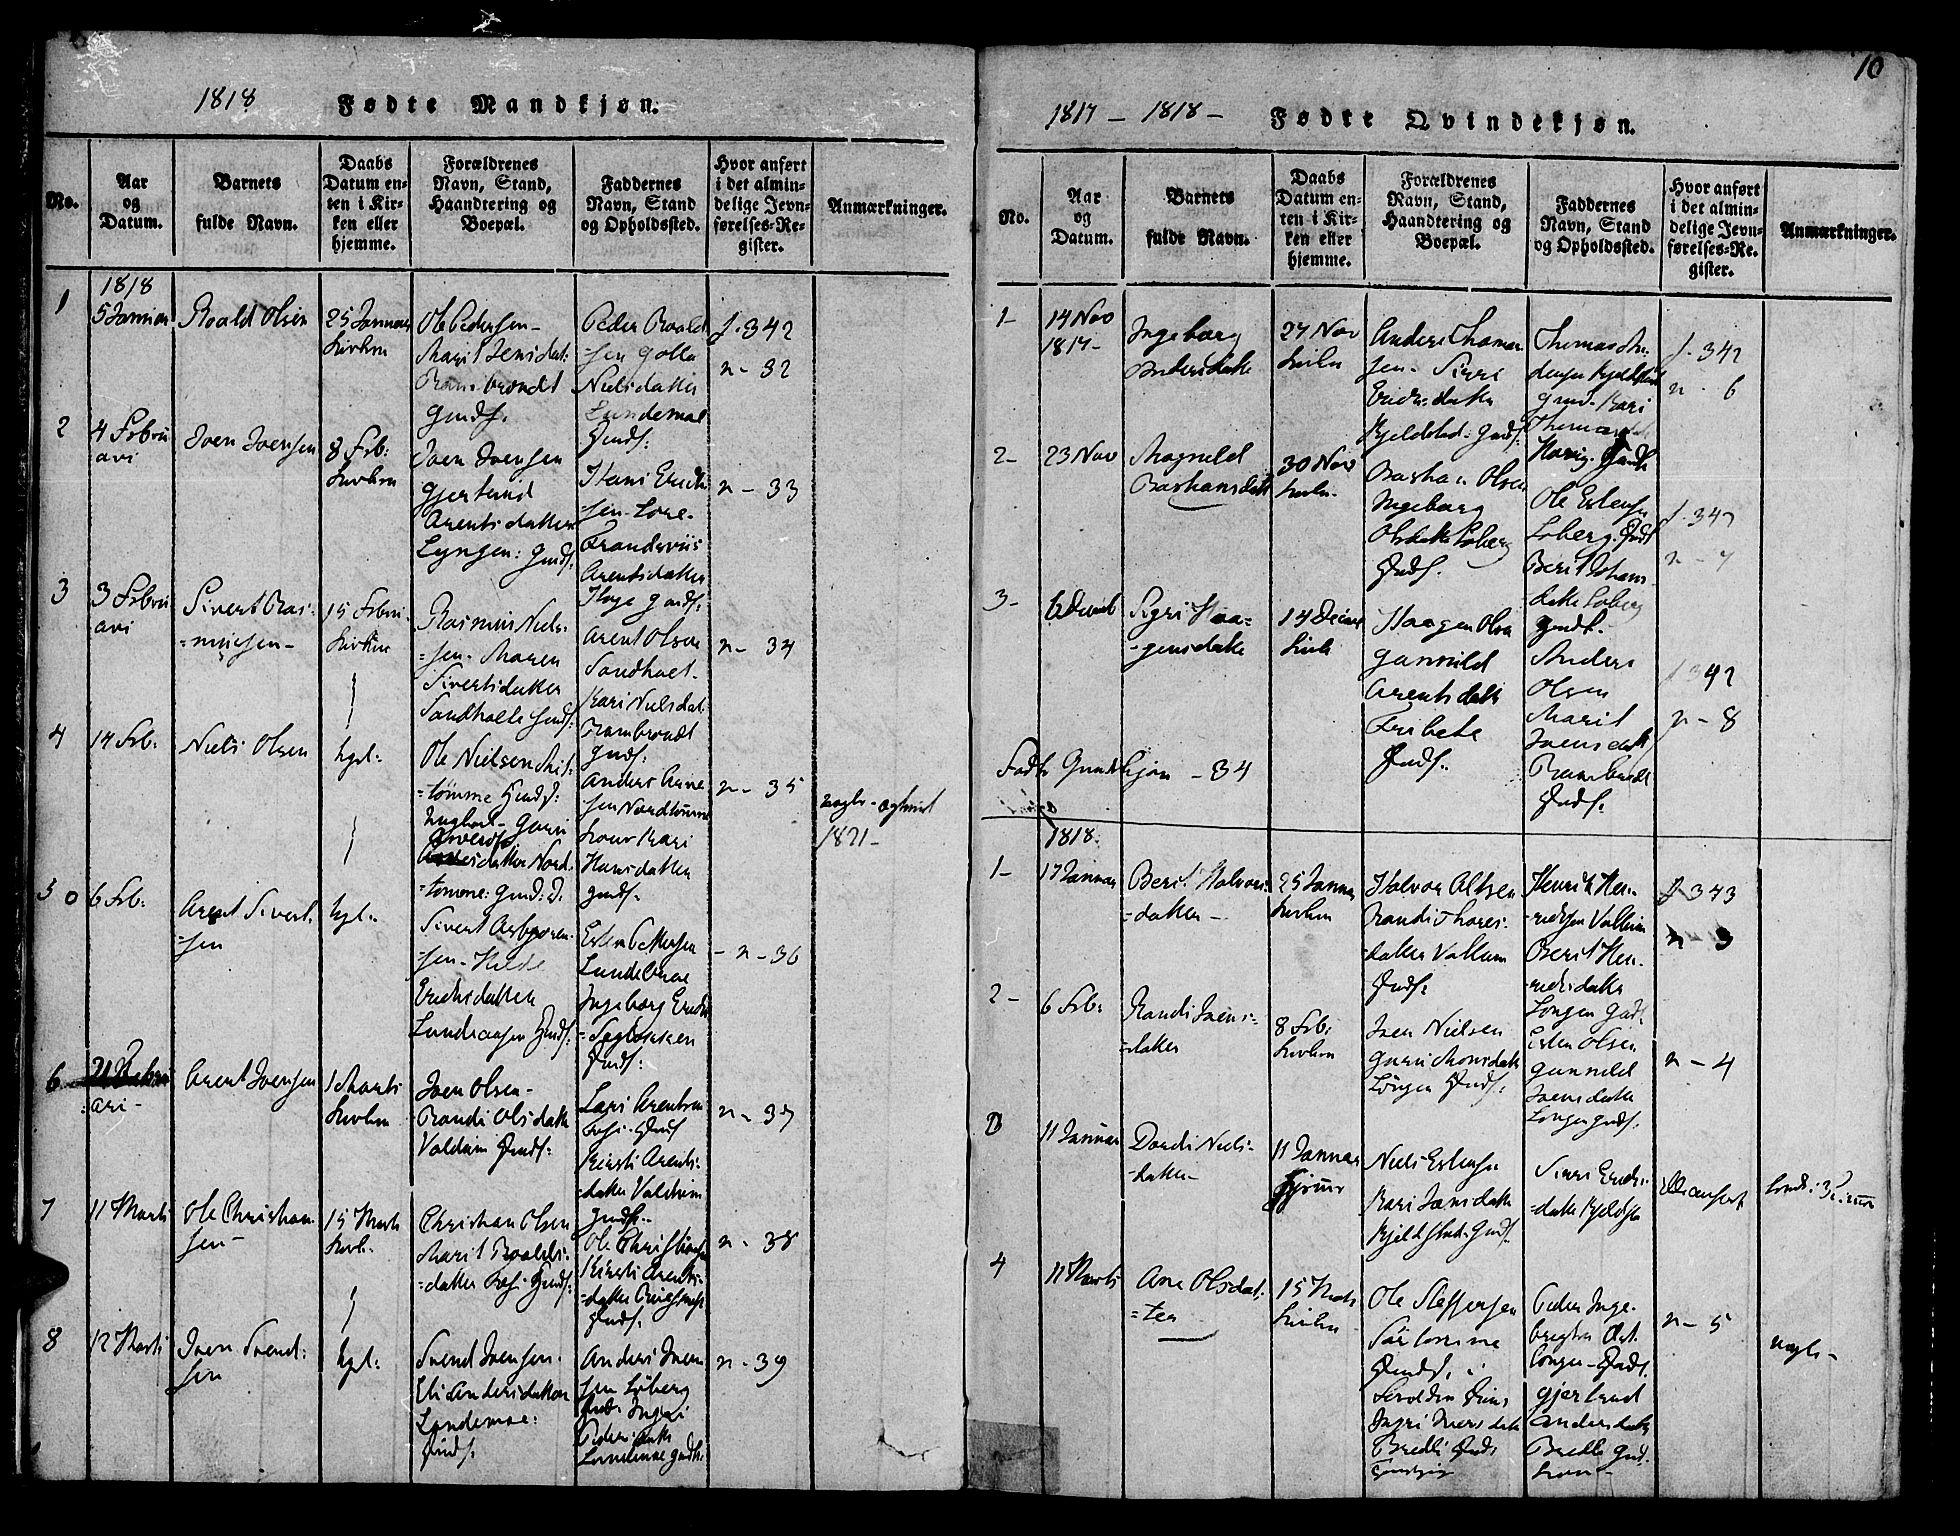 SAT, Ministerialprotokoller, klokkerbøker og fødselsregistre - Sør-Trøndelag, 692/L1102: Ministerialbok nr. 692A02, 1816-1842, s. 10